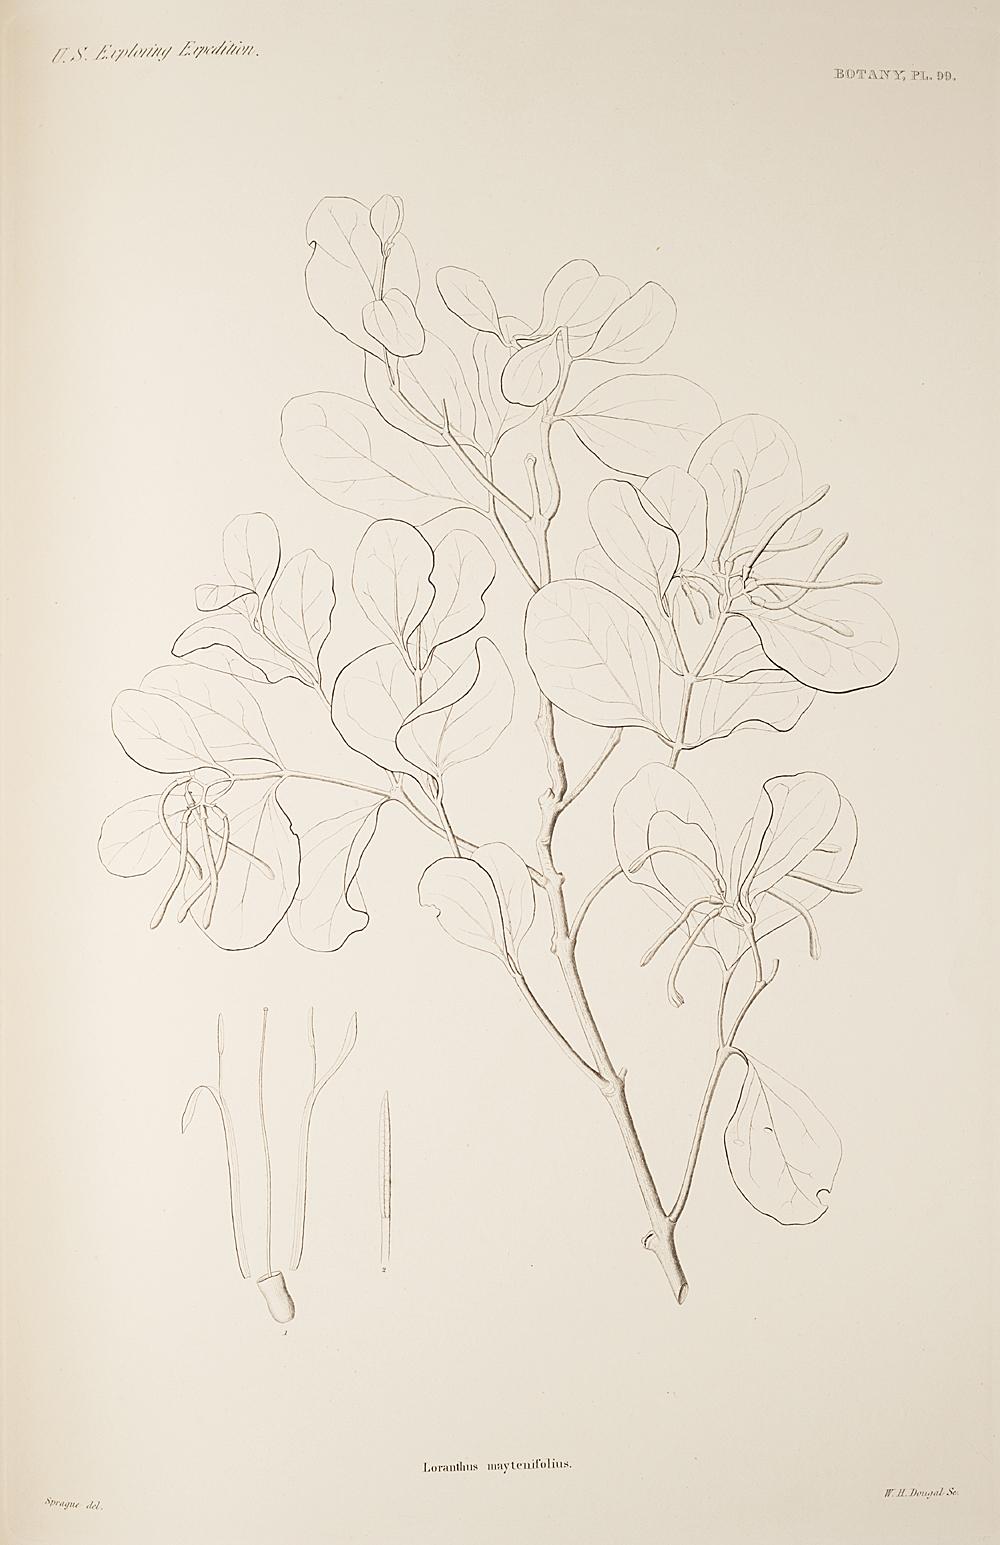 Botany, Pl. 99,  Image number:sil19-23-209b